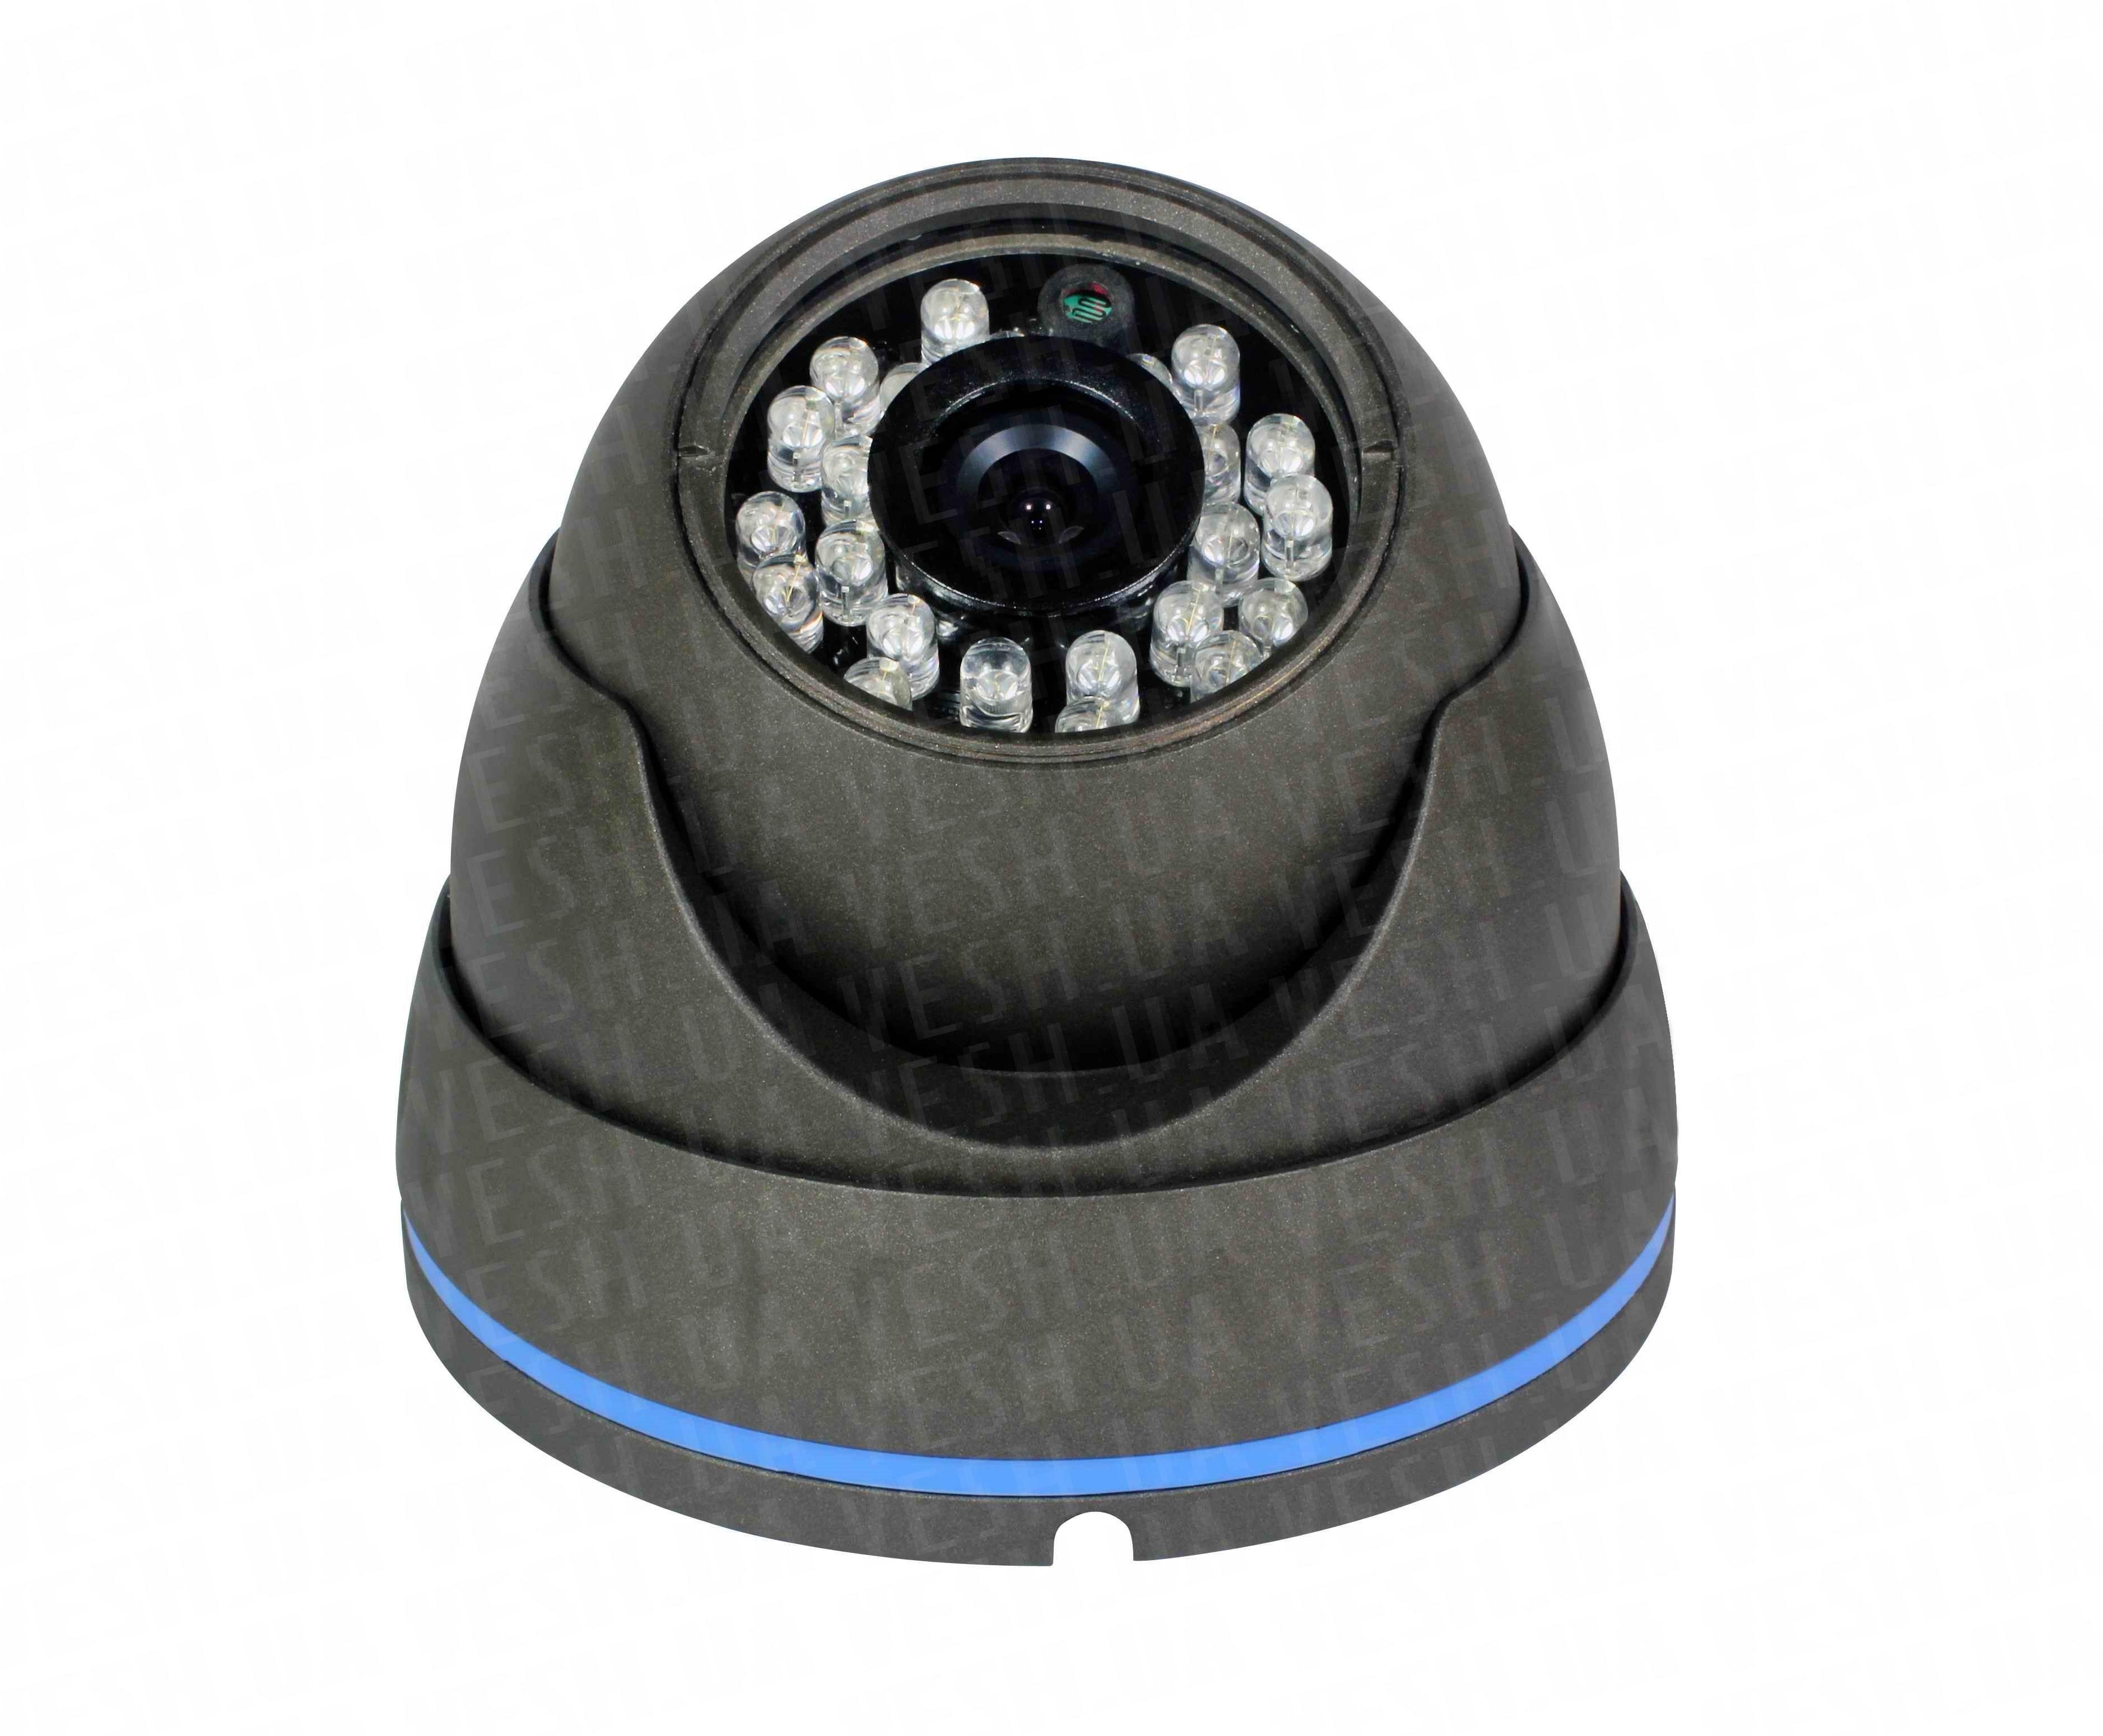 """Наружная купольная CCTV цветная охранная камера видеонаблюдения 1/3"""" COLOR SONY Super HAD II, 600 TVL, 0 LUX, ИK до 20 метров (модель NIRE600)"""